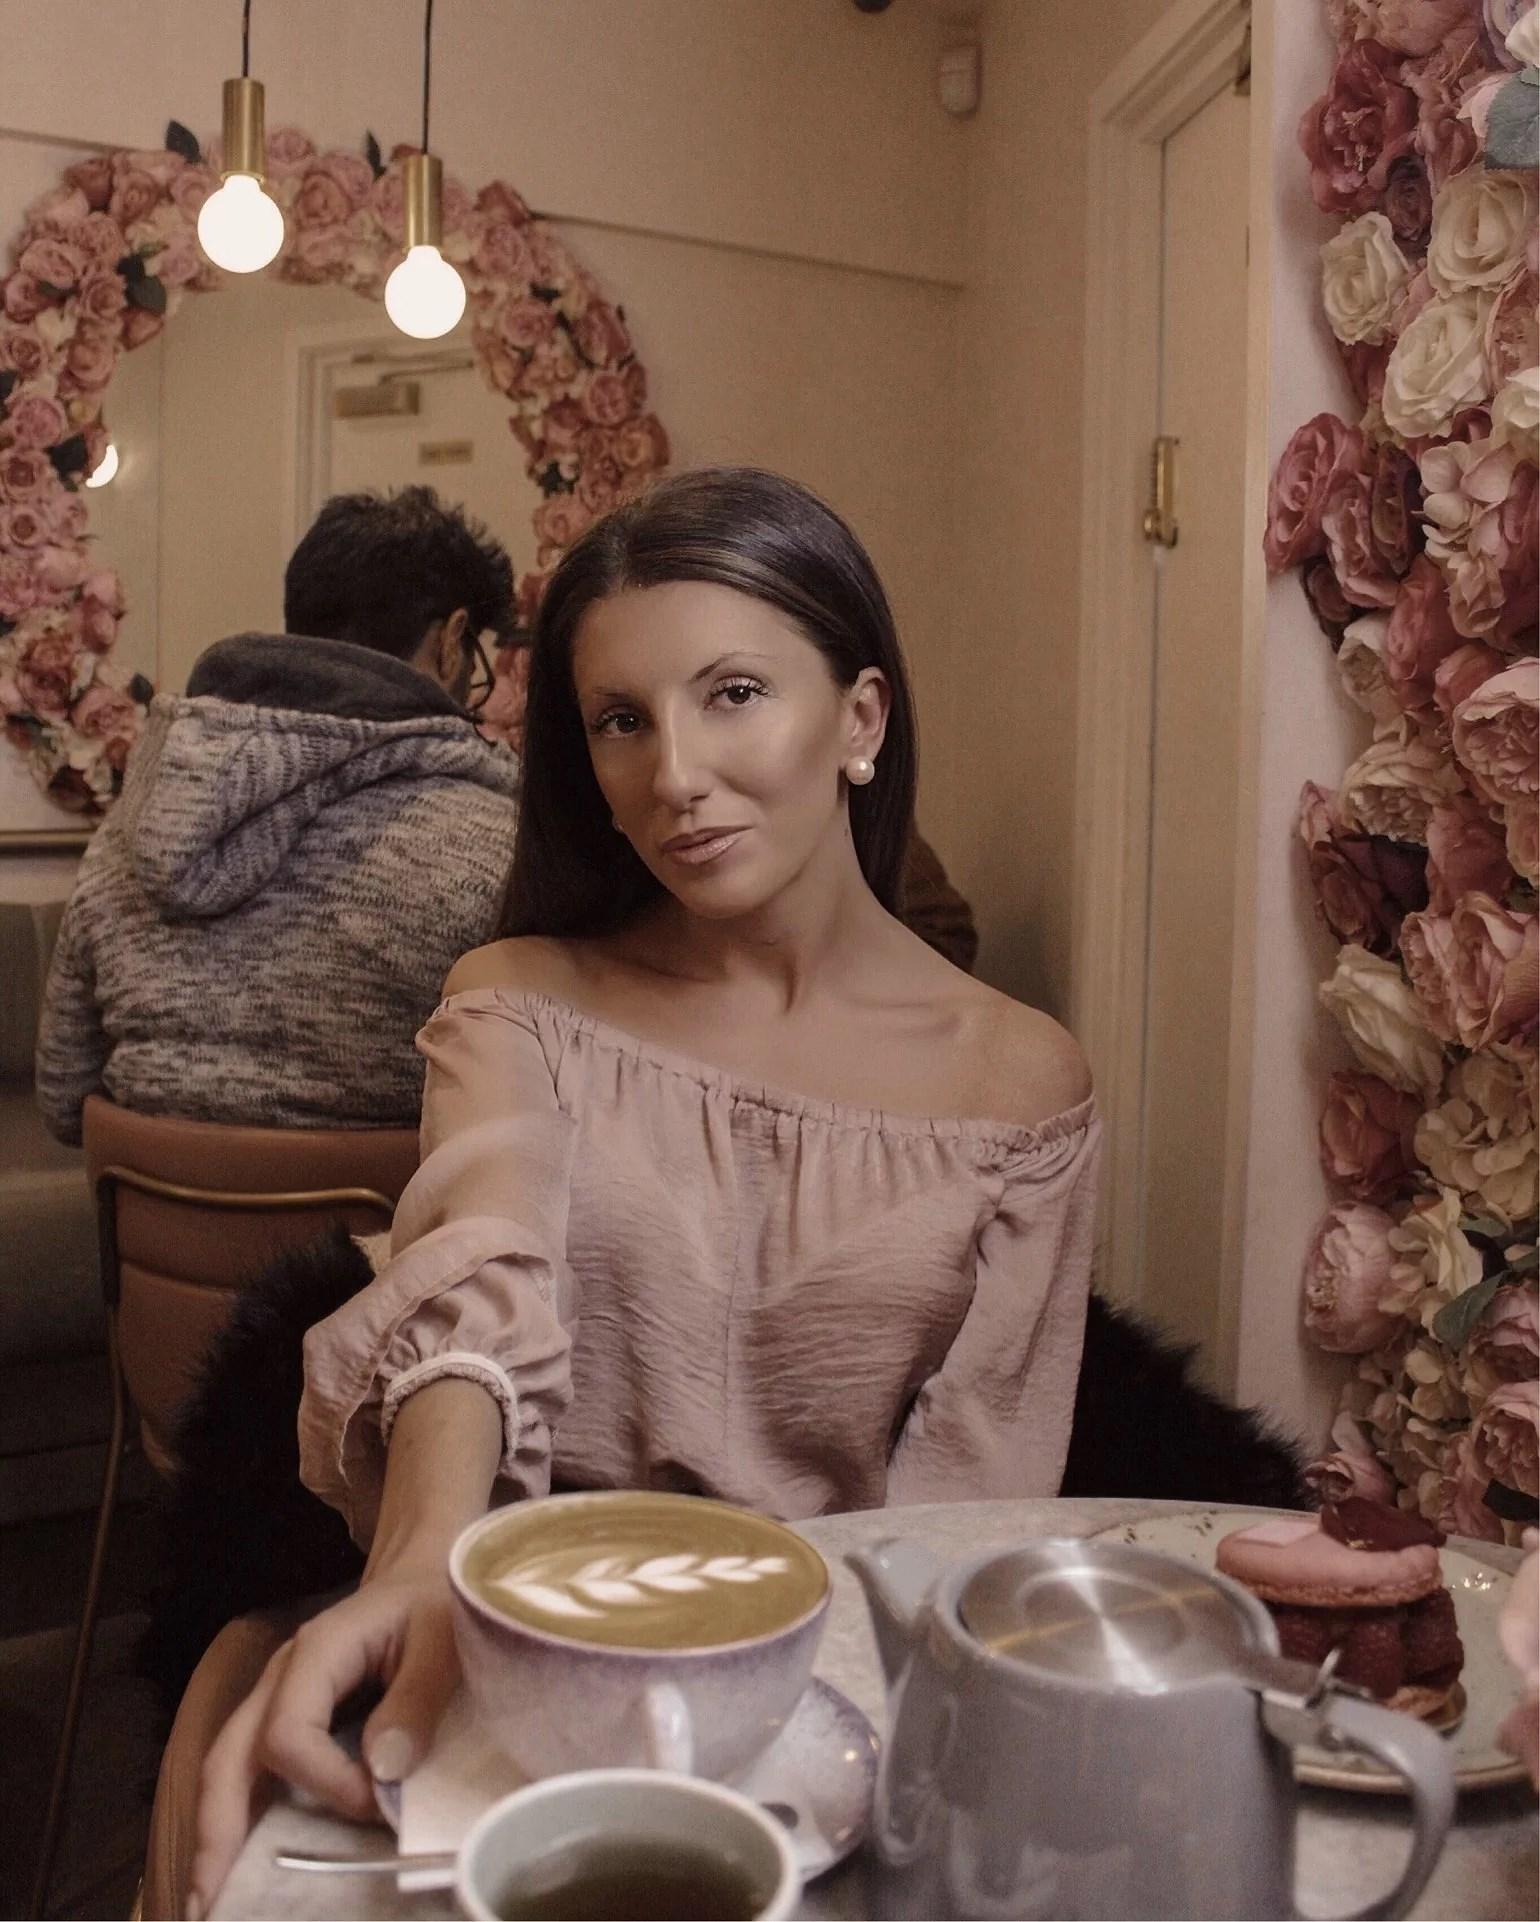 CAFÉER RUNT OM I STOCKHOLM